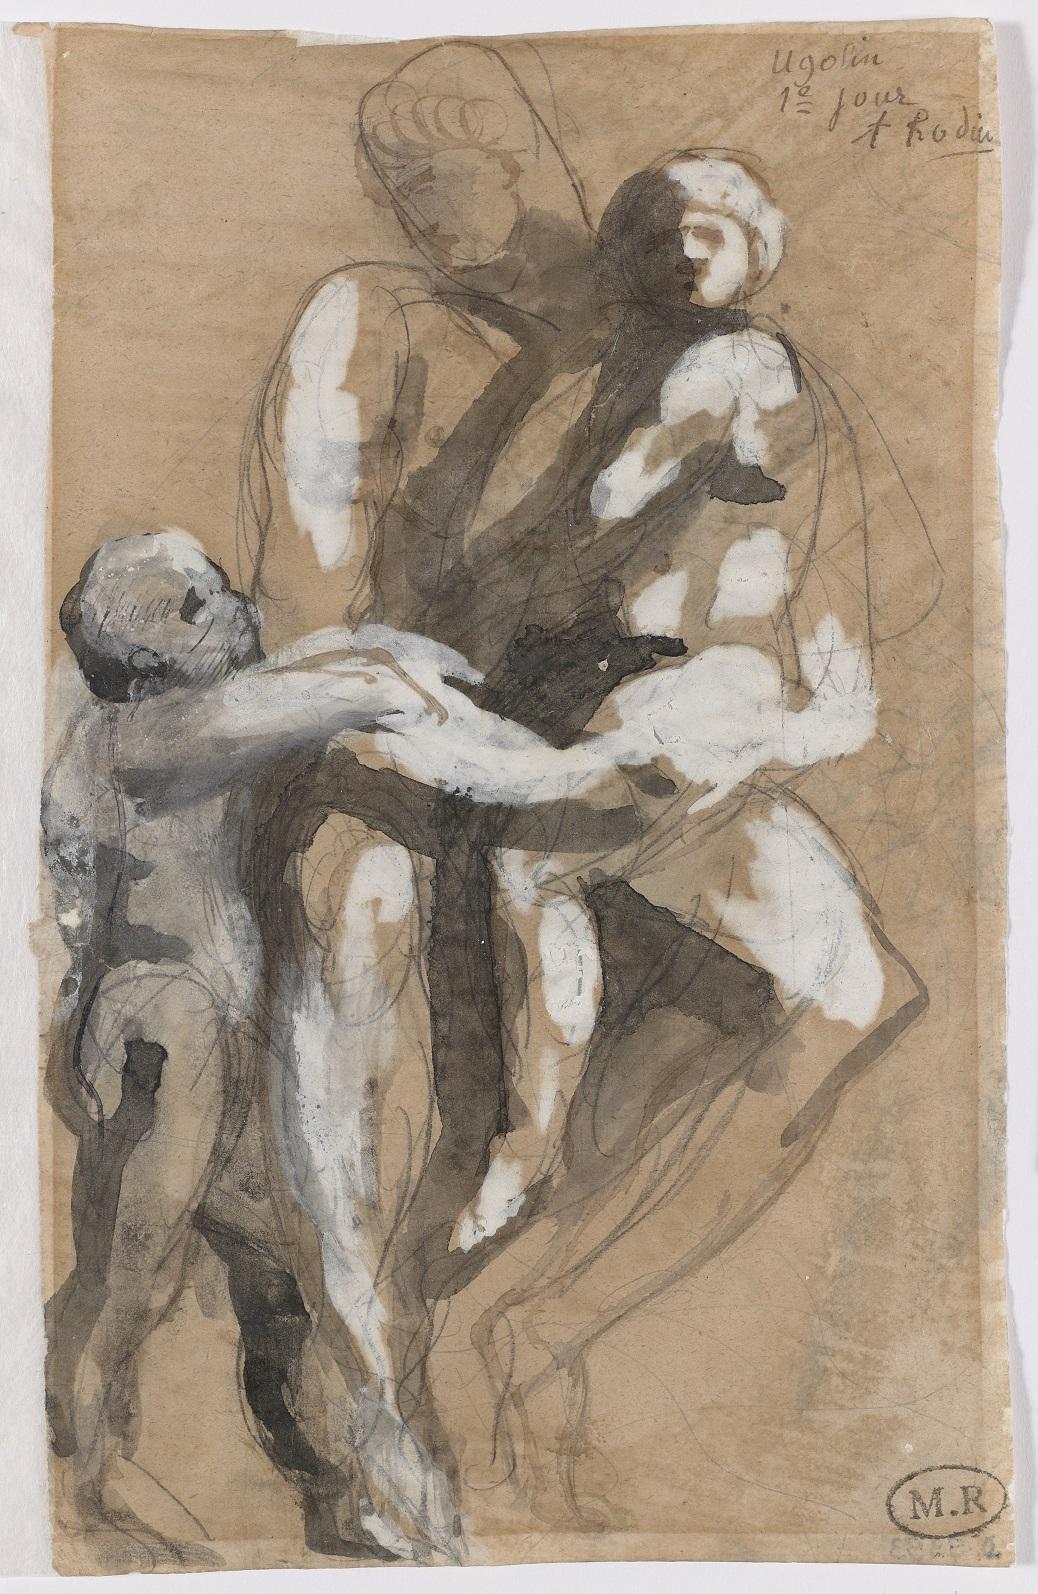 Auguste Rodin, <em>Ugolin et ses enfants, premier jour</em> [Ugolino y sus hijos, primer día], c.1884. Musée Rodin, París. © Musée Rodin. Foto: Jean de Calan.